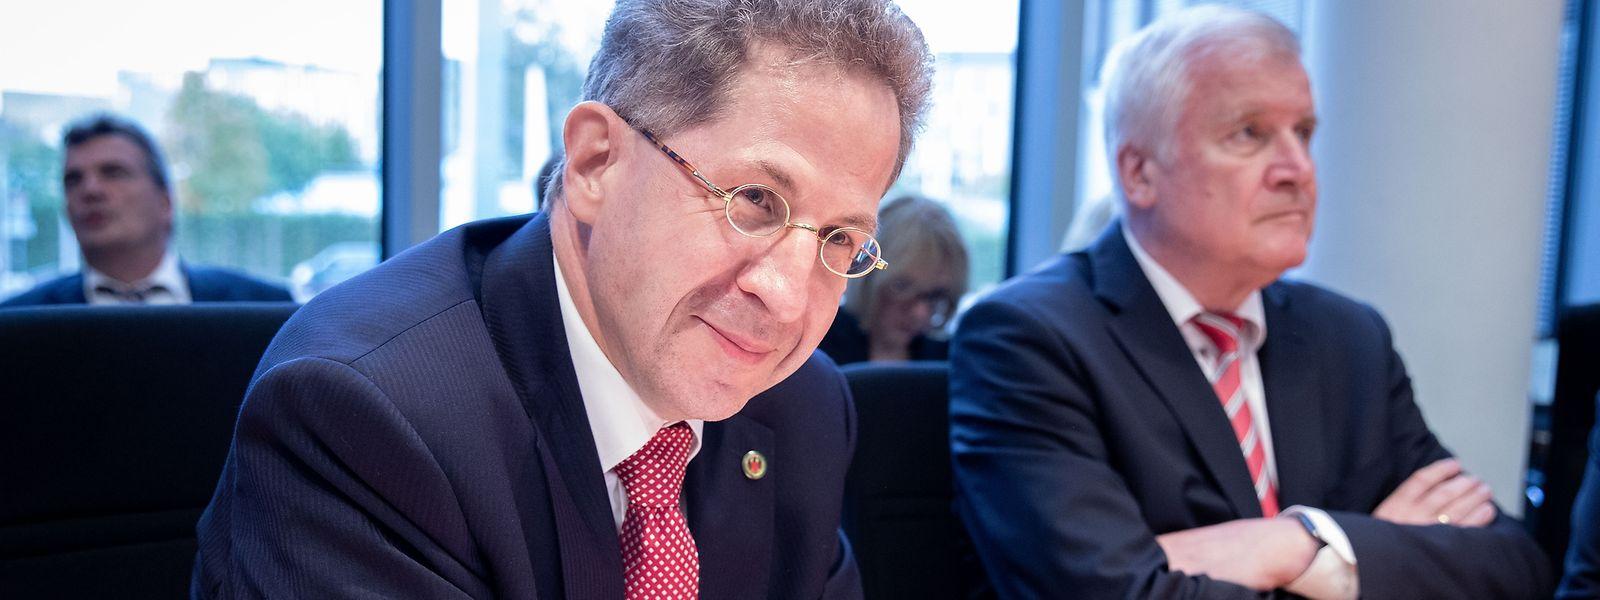 Hans-Georg Maaßen Maaßen muss nach seinen umstrittenen Äußerungen zu fremdenfeindlichen Ausschreitungen in Chemnitz seinen Posten räumen.Auf Anordnung von Innenminister Seehofer (links) wechselt er als Staatssekretär ins Bundesinnenministerium.